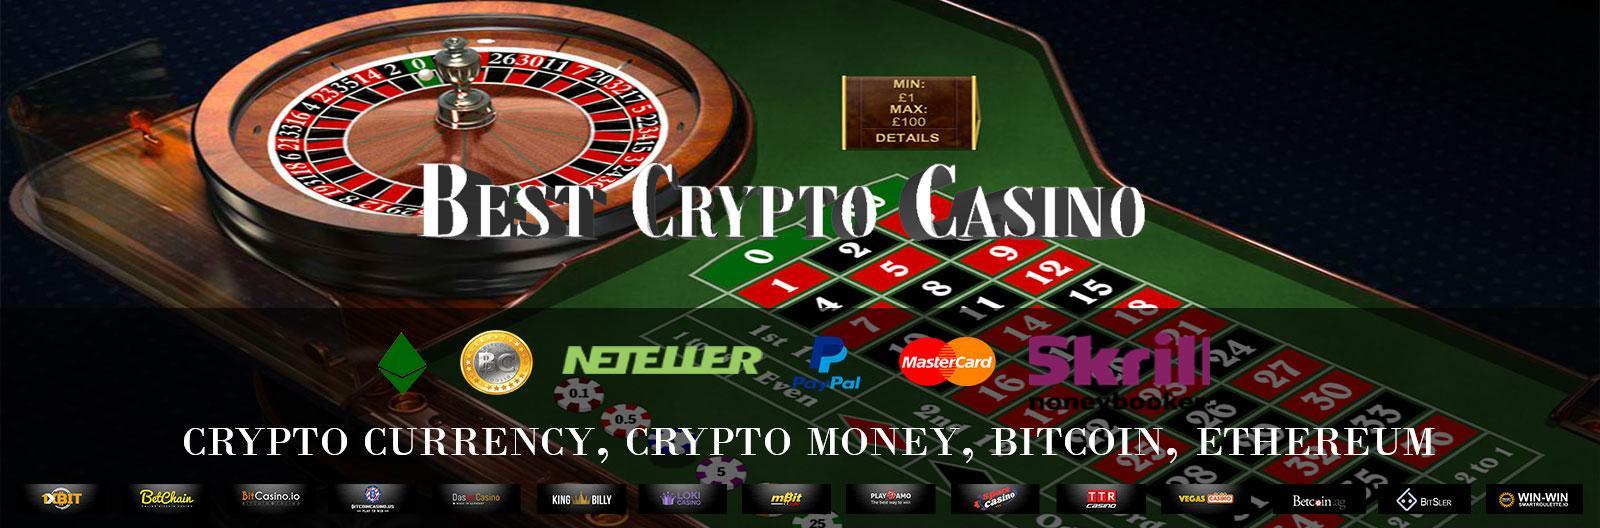 โบนัสเงินฝากไม่มีสายฟ้าคาสิโน bitcoin